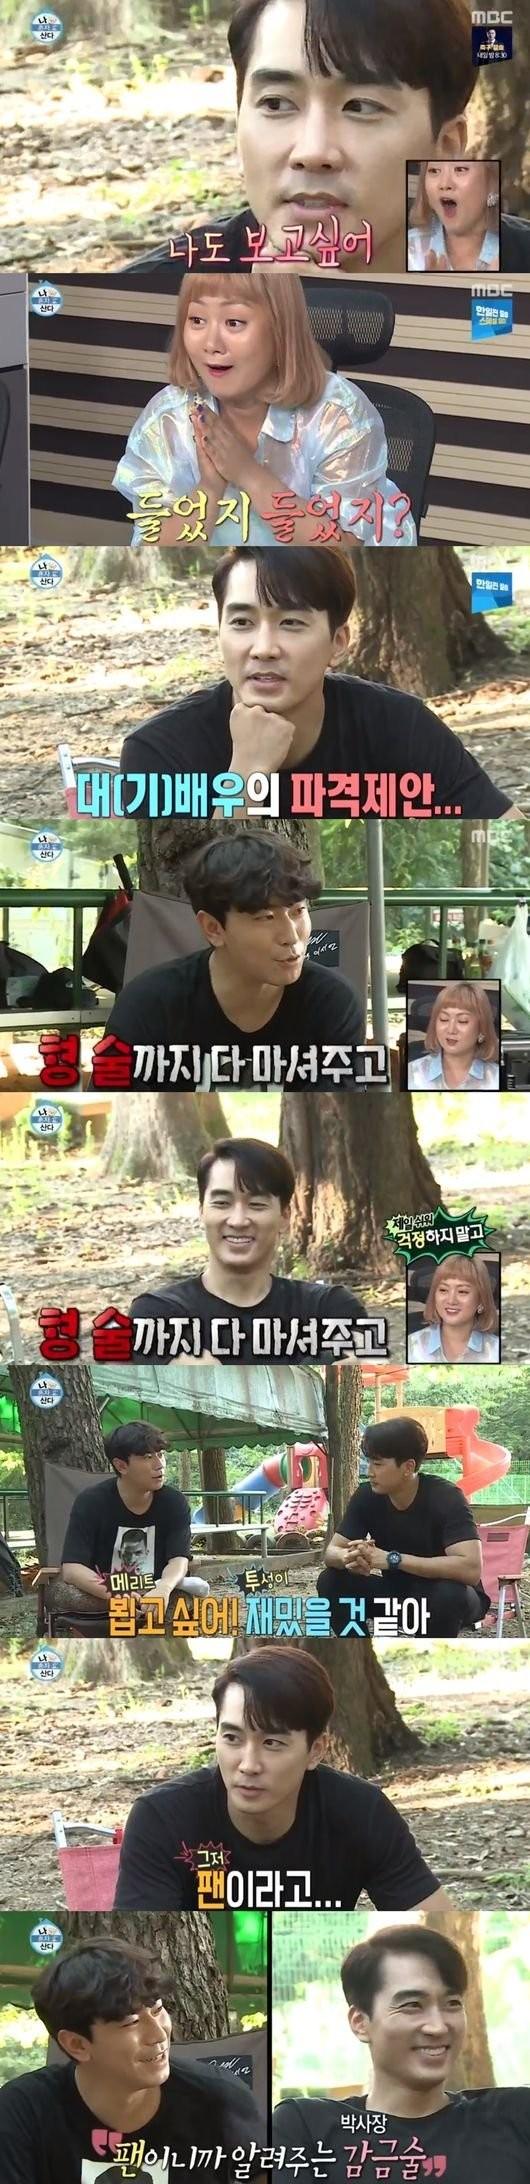 https://www.allkpop.com/upload/2018/08/content/song-seung-hun_park-na-rae_1535739518_pk.jpg